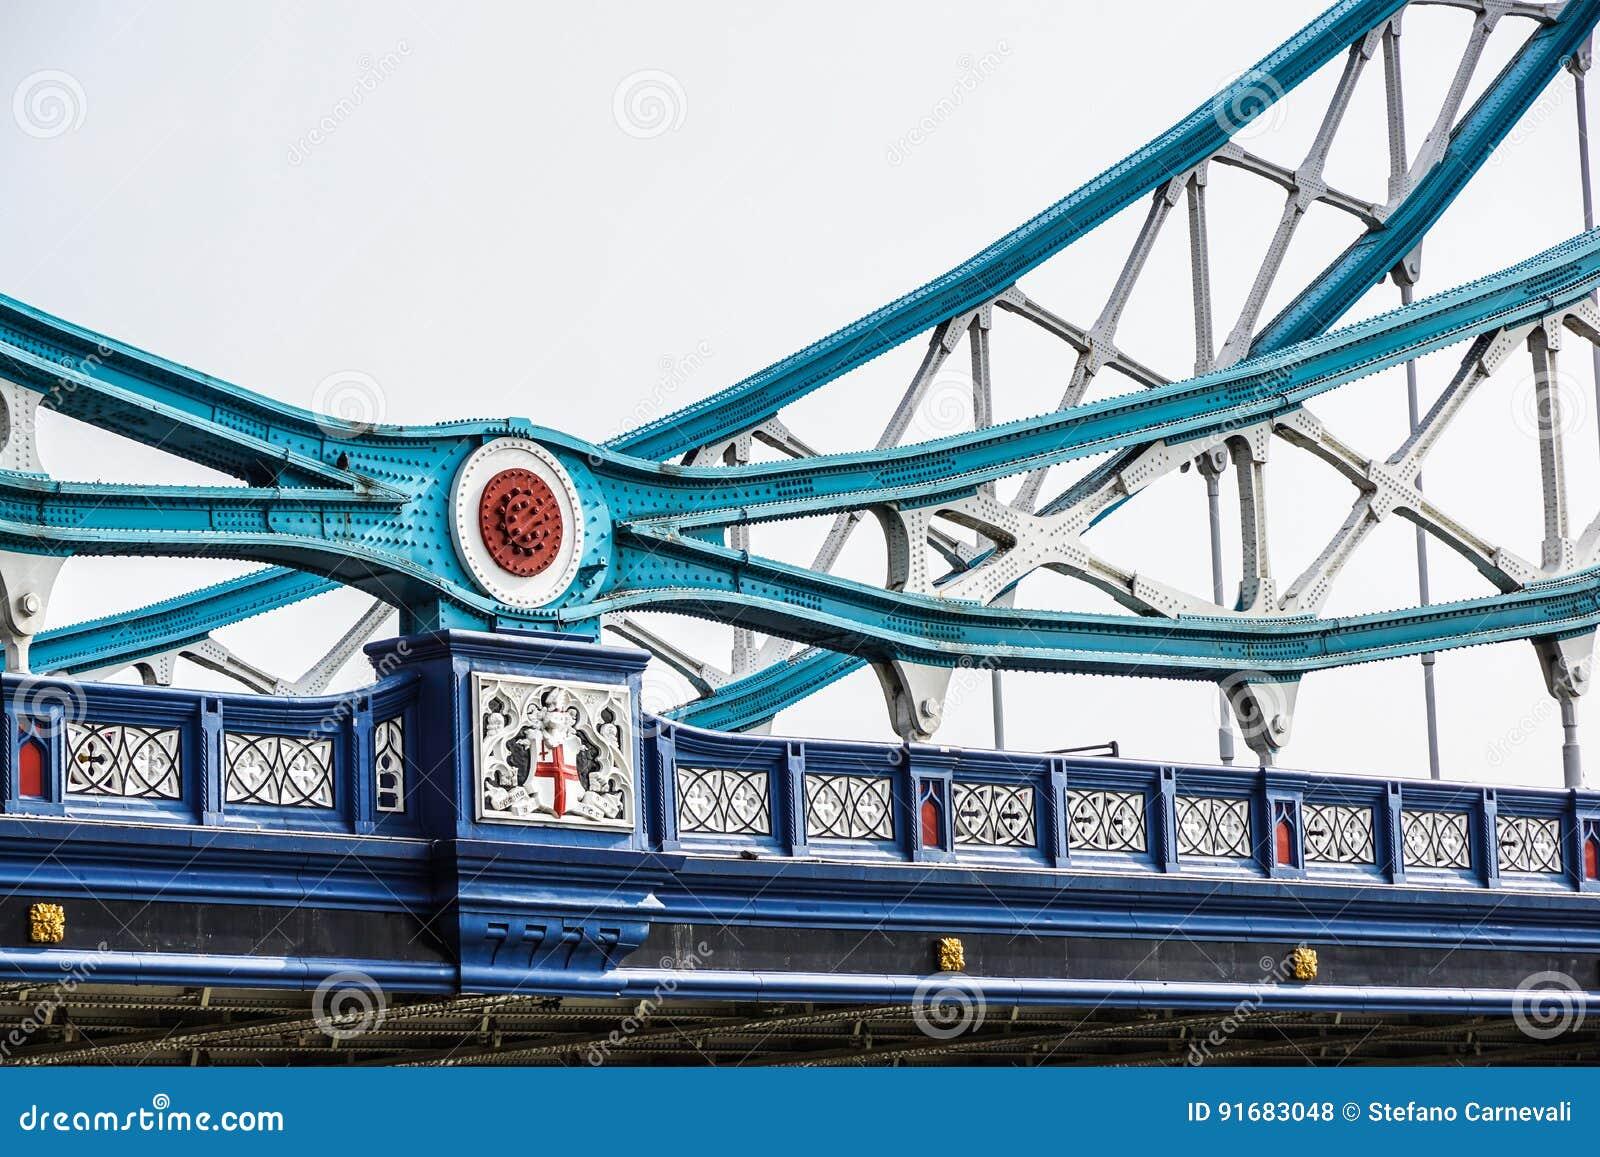 Detalhe de ponte da torre sobre o rio Tamisa, Londres, Reino Unido